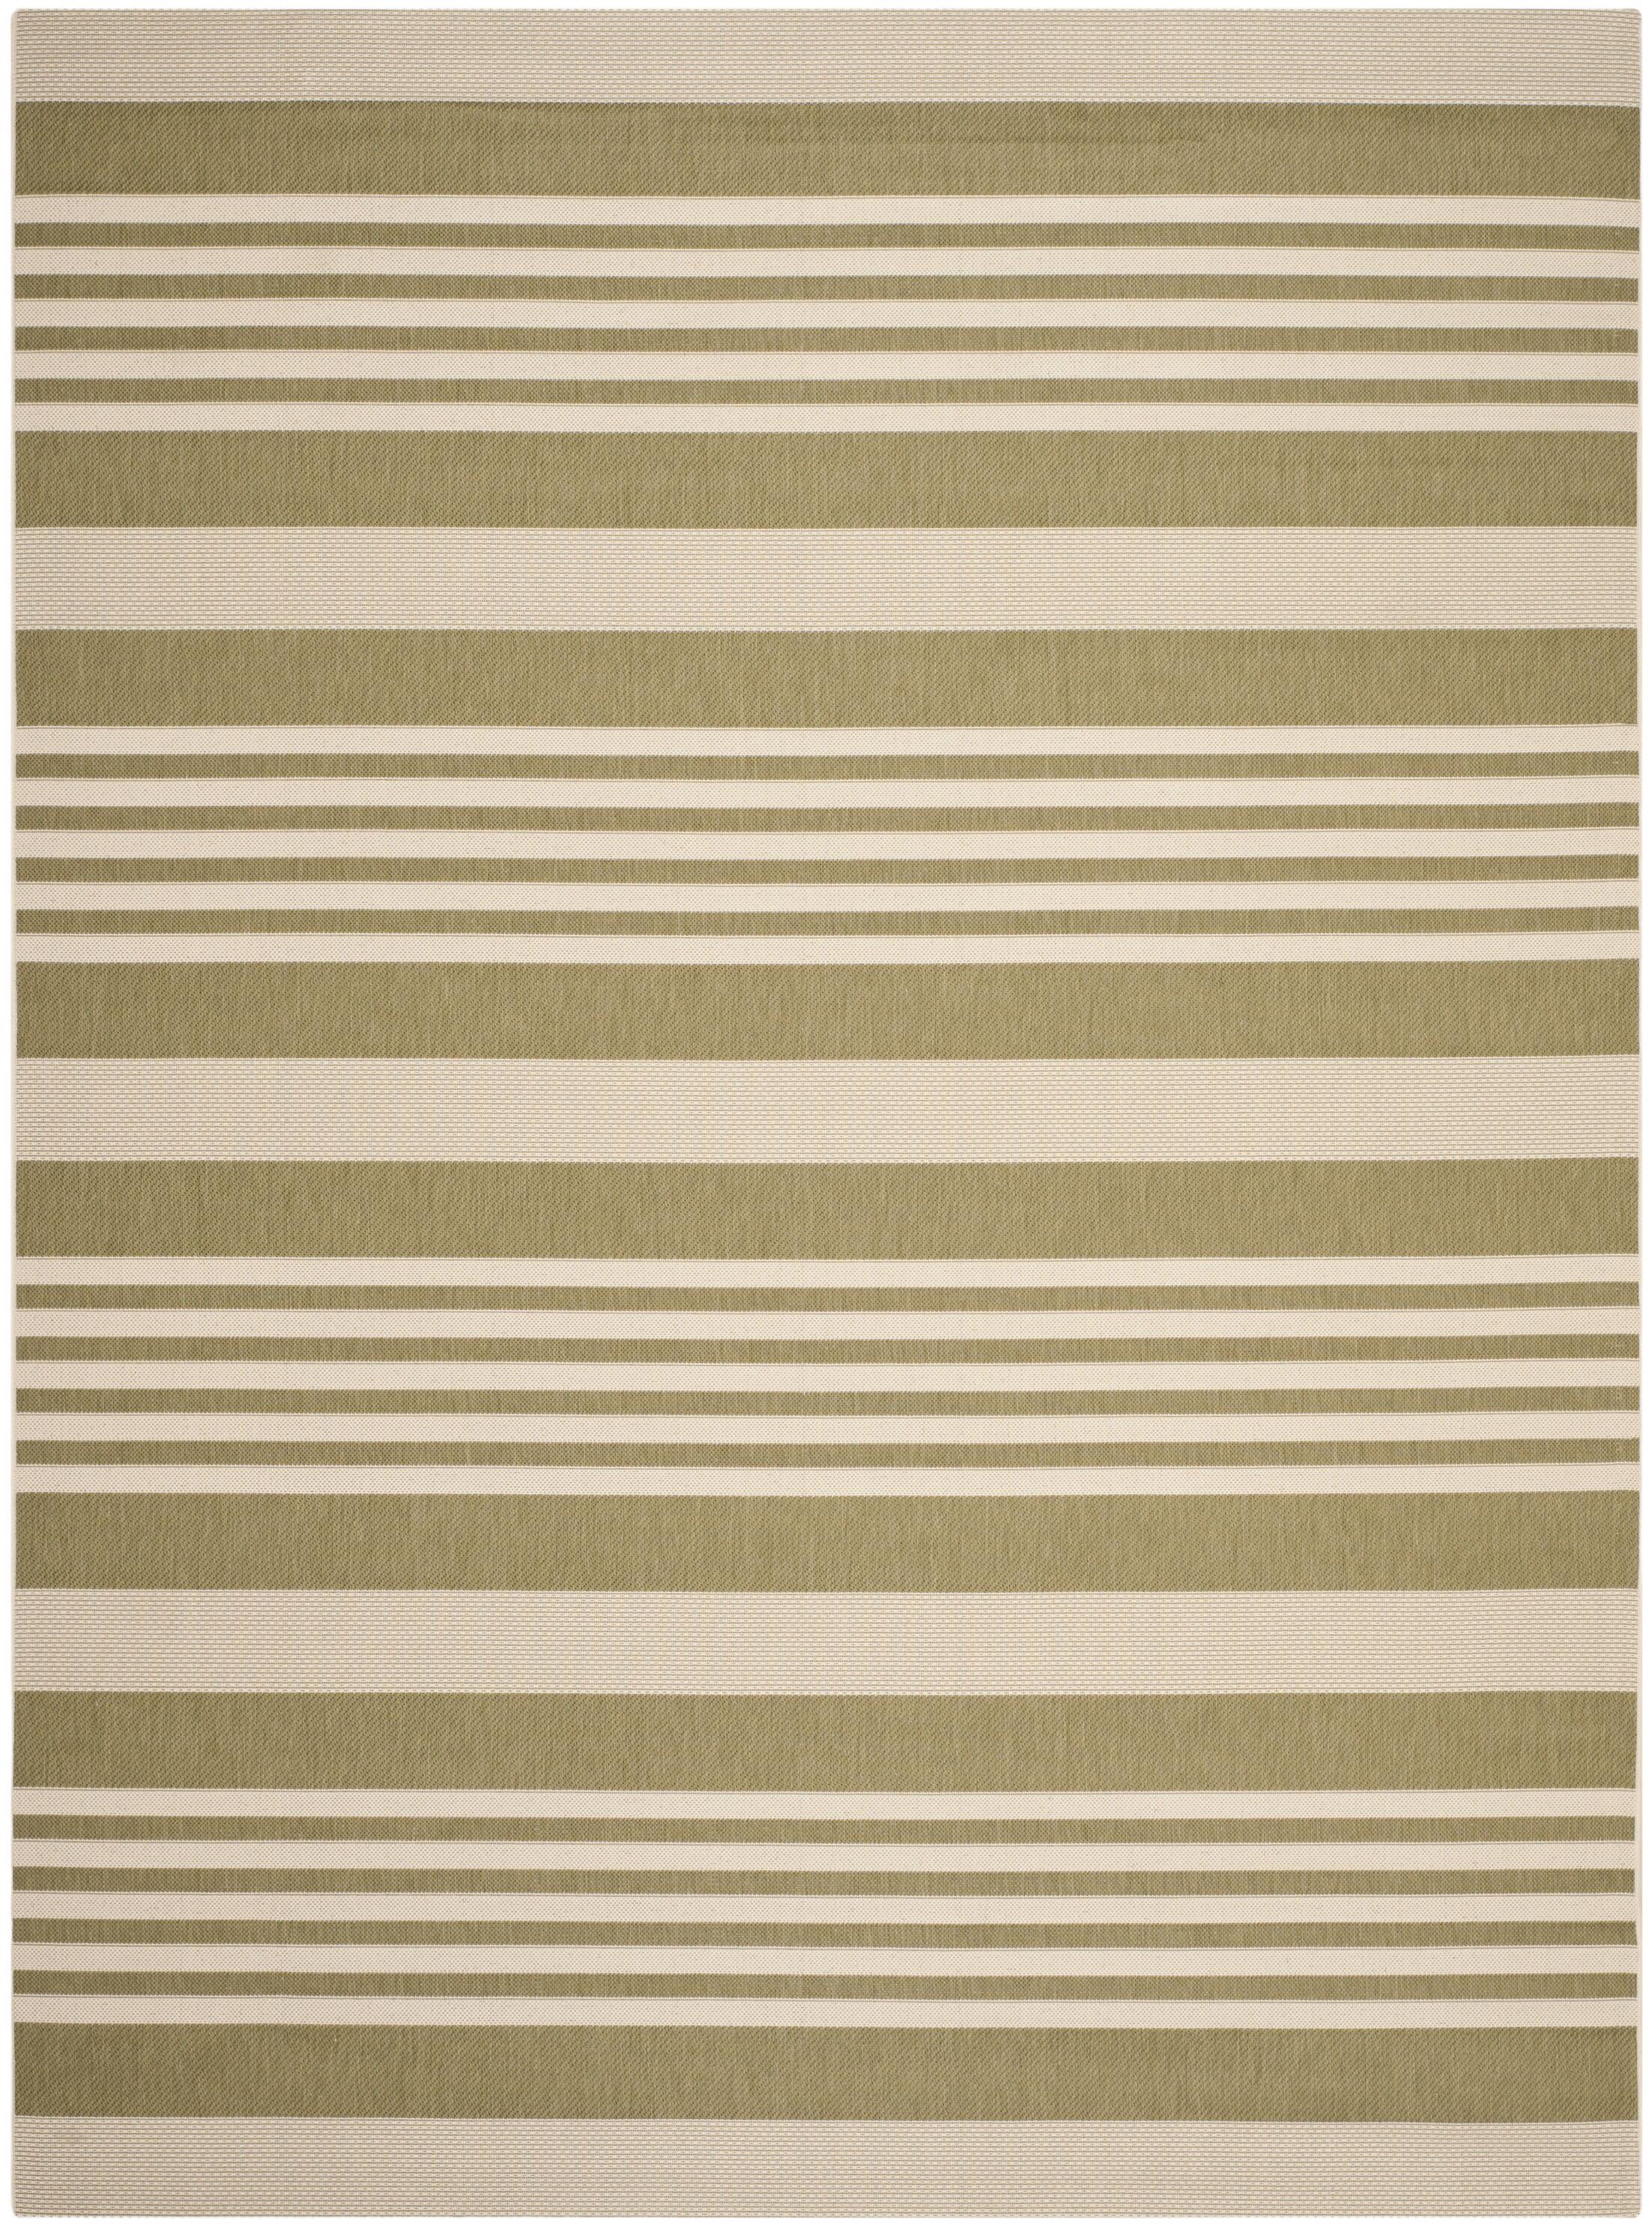 Sophina Green/Beige Indoor/Outdoor Area Rug Rug Size: Rectangle 8' x 11'